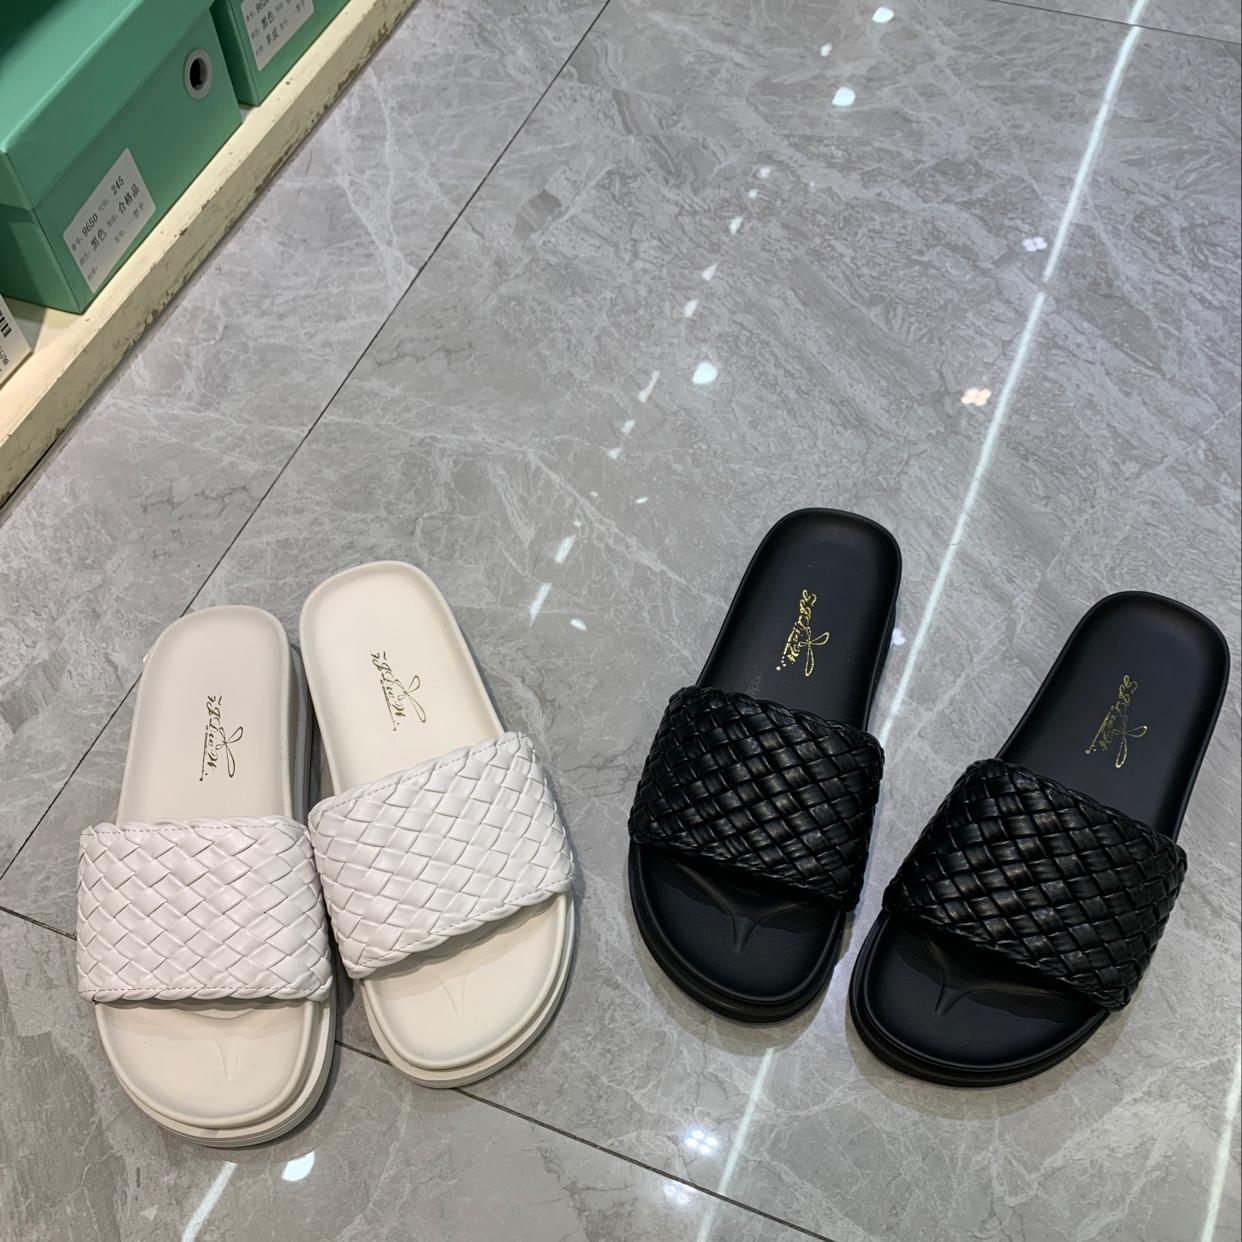 2020 年夏款编织牛皮平底防滑耐磨橡胶大底拖鞋